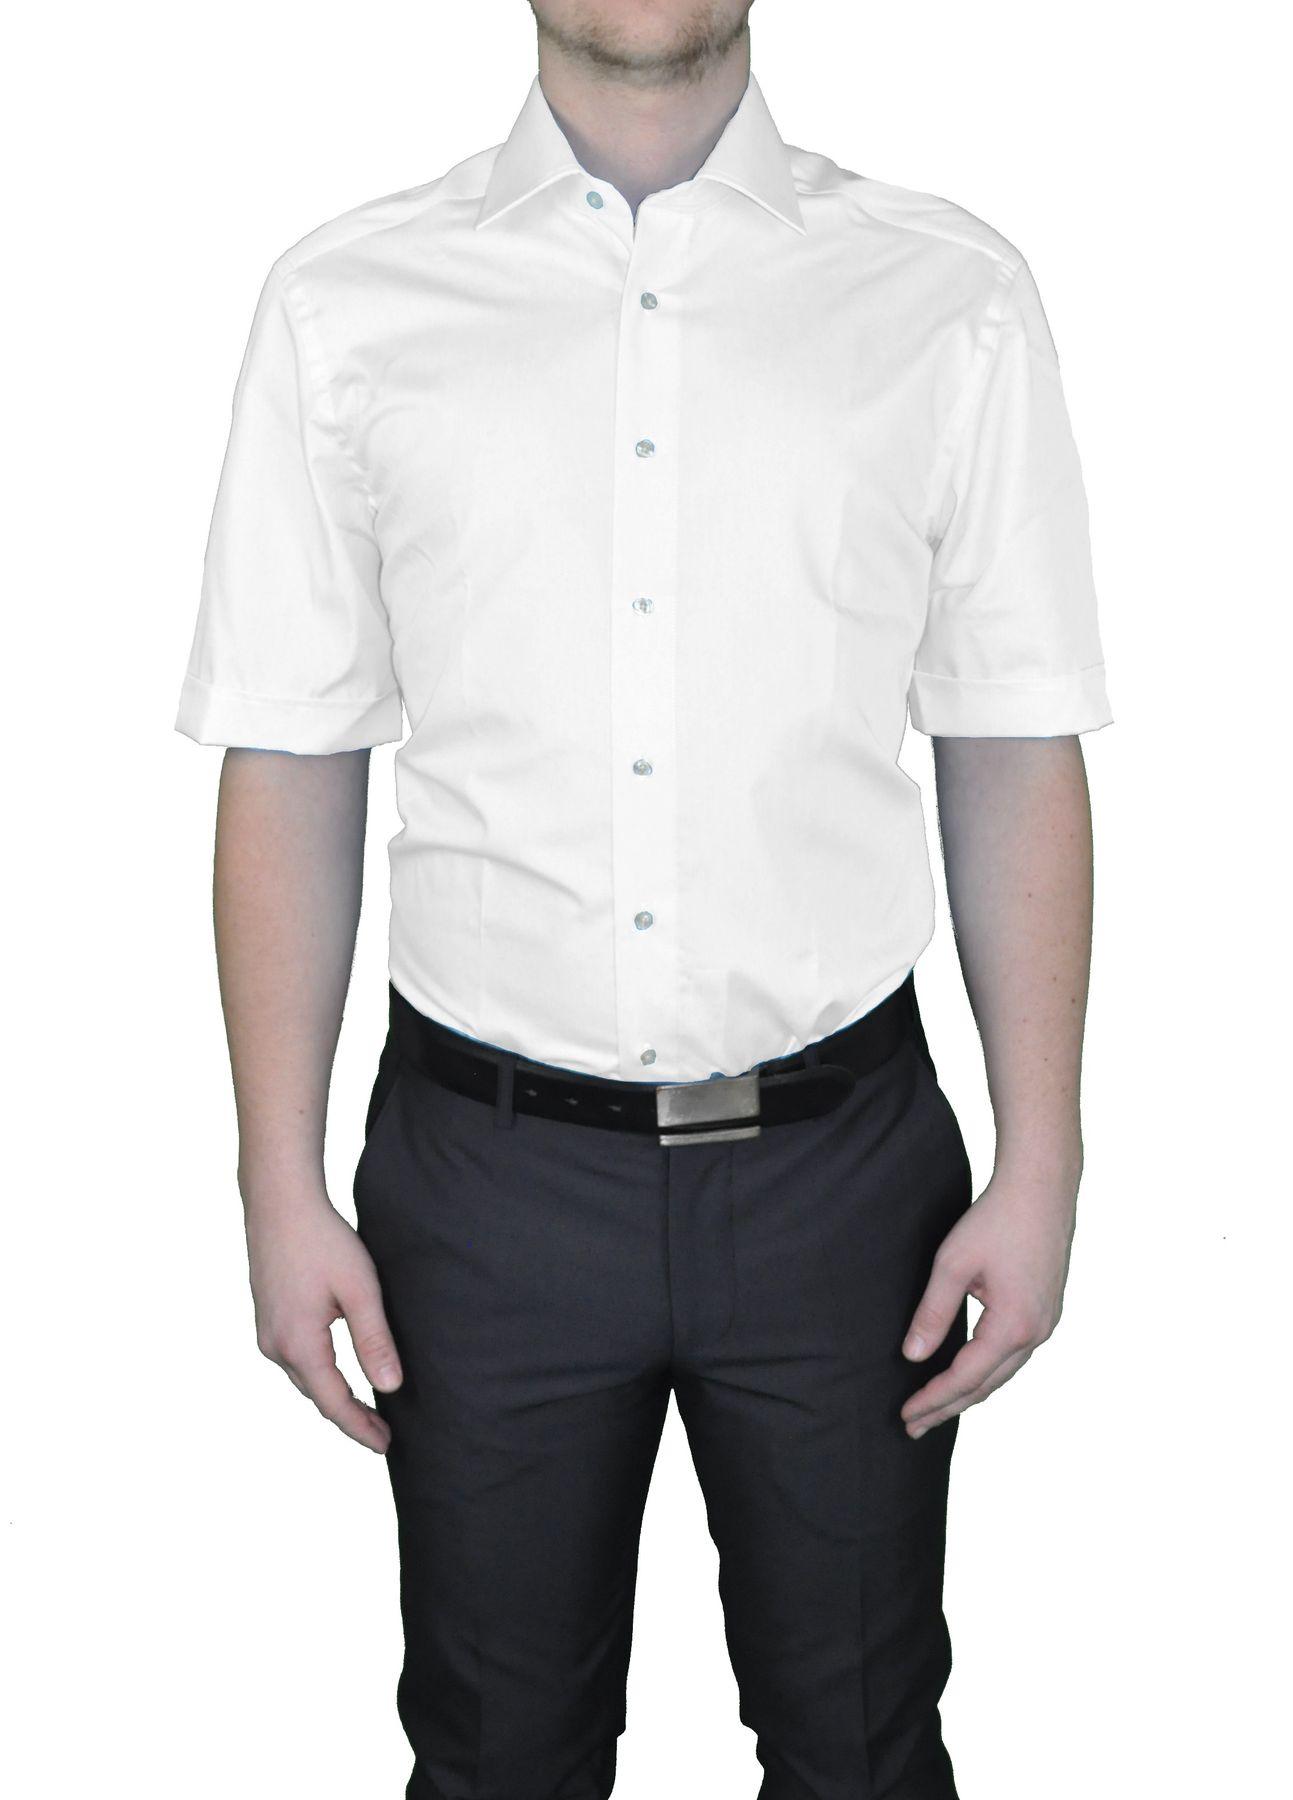 Bügelfreies Herren Kurzarm Hemd in verschiedenen Farben, Stil: BODY CUT, Marke REDMOND(150910 A) – Bild 1